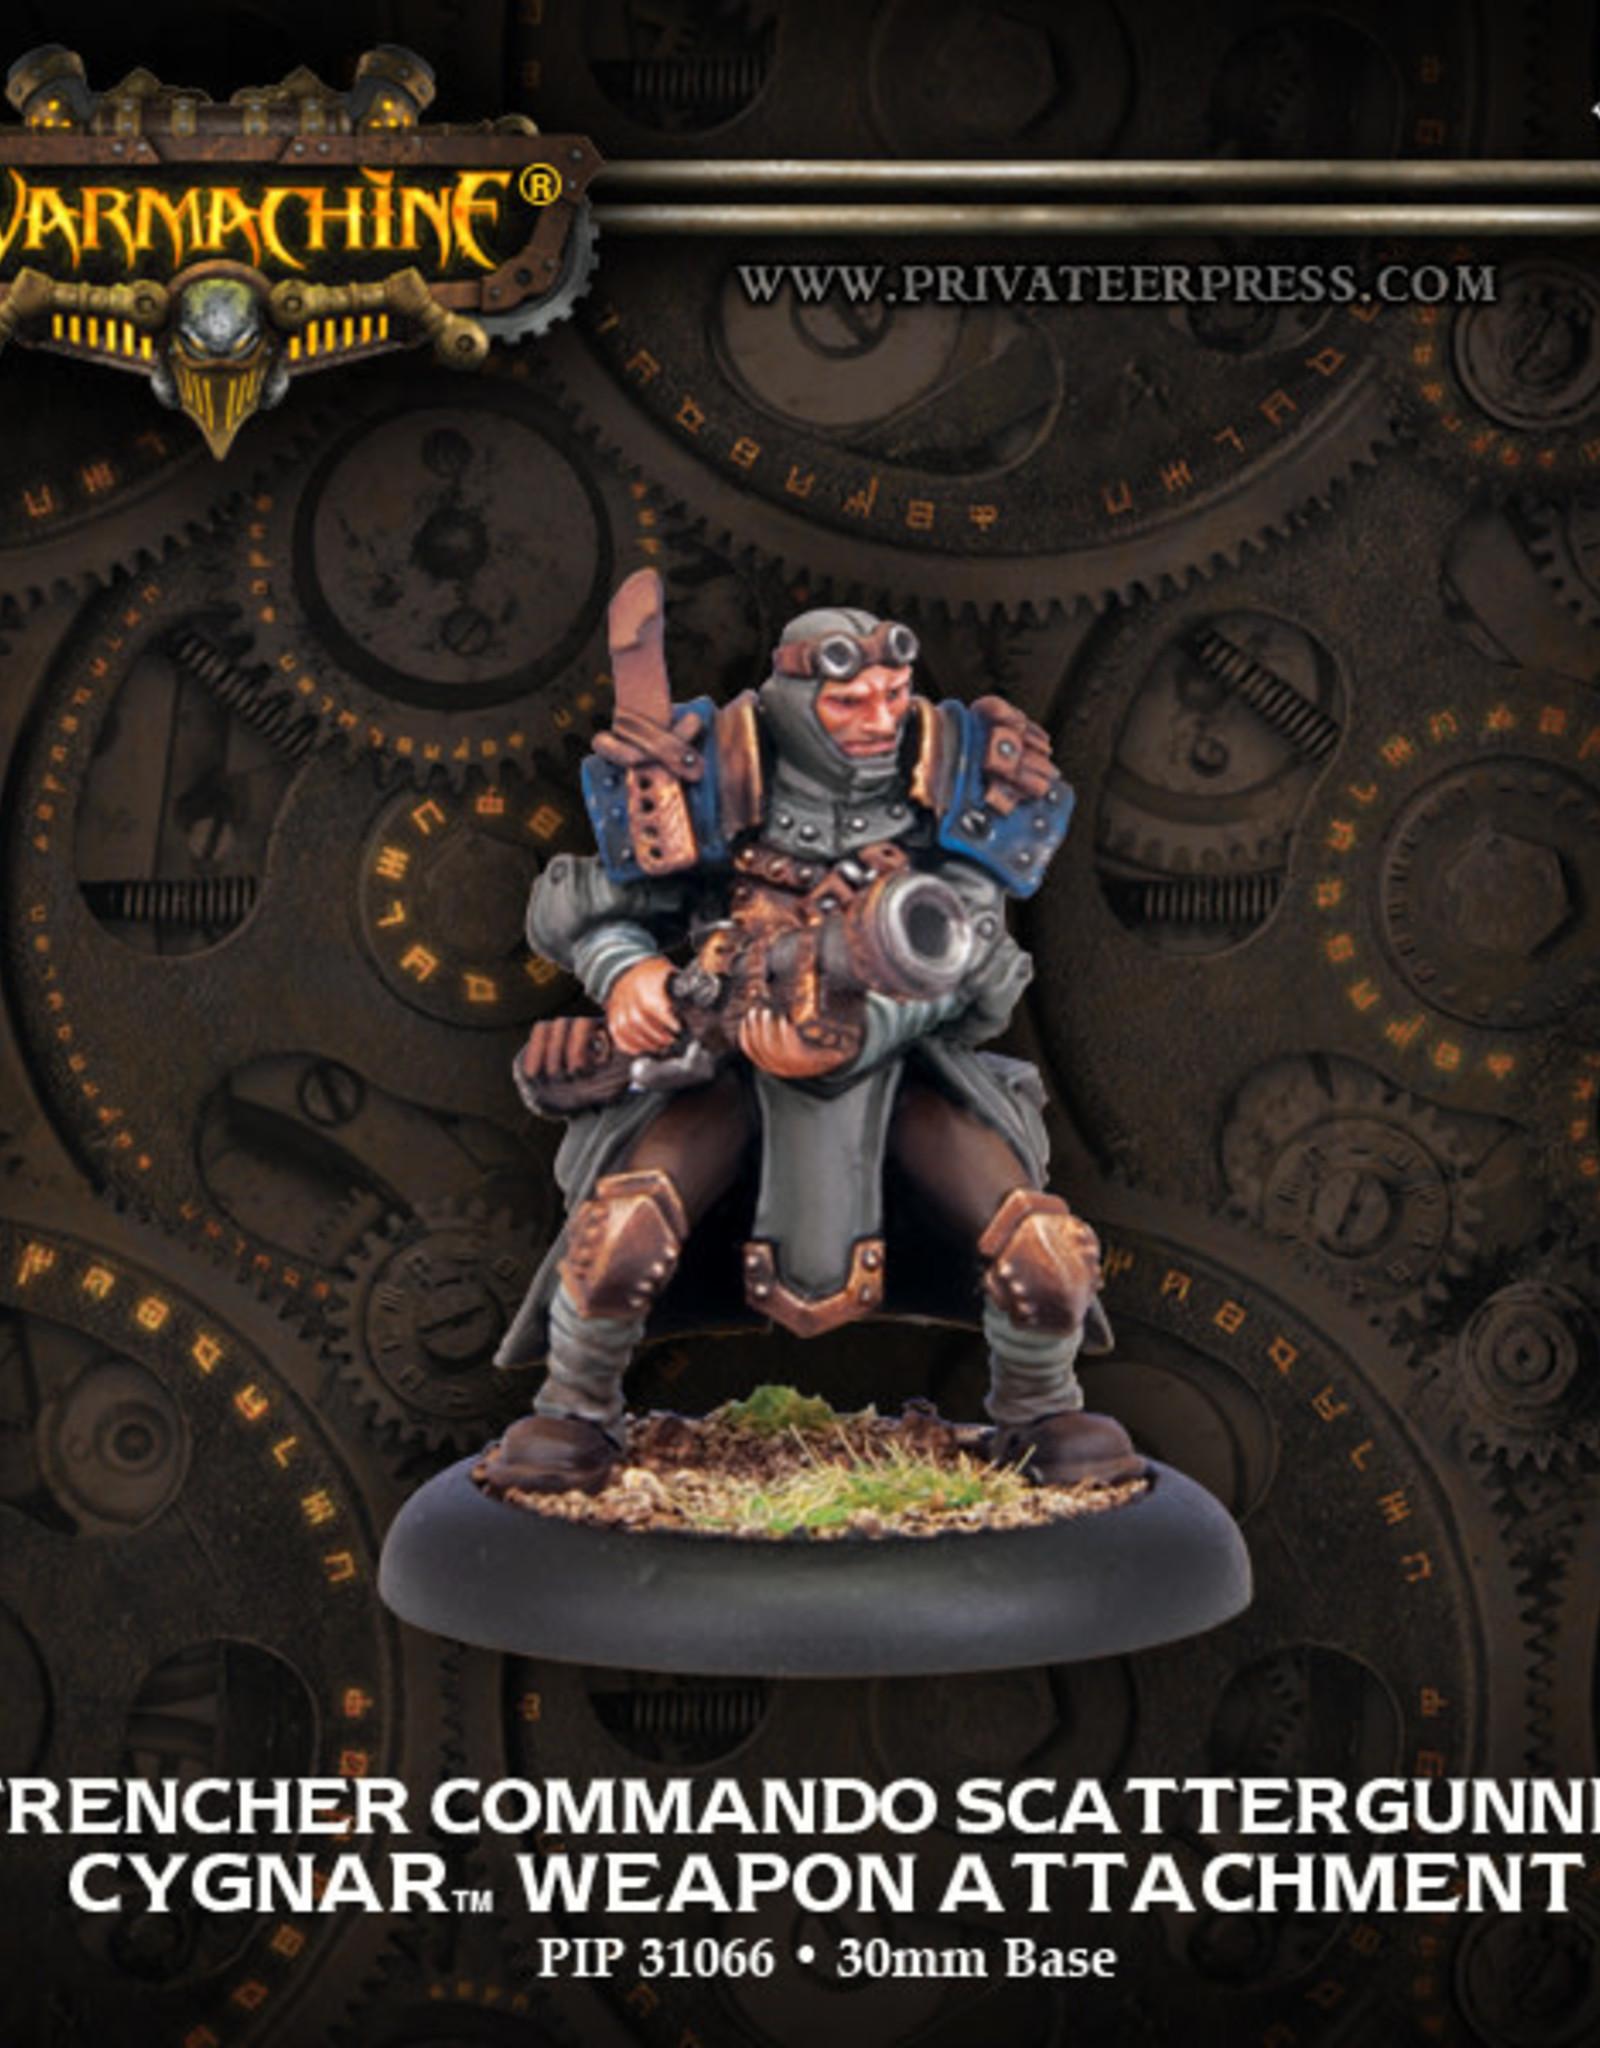 Warmachine Cygnar - Trencher Commando Scatterguner